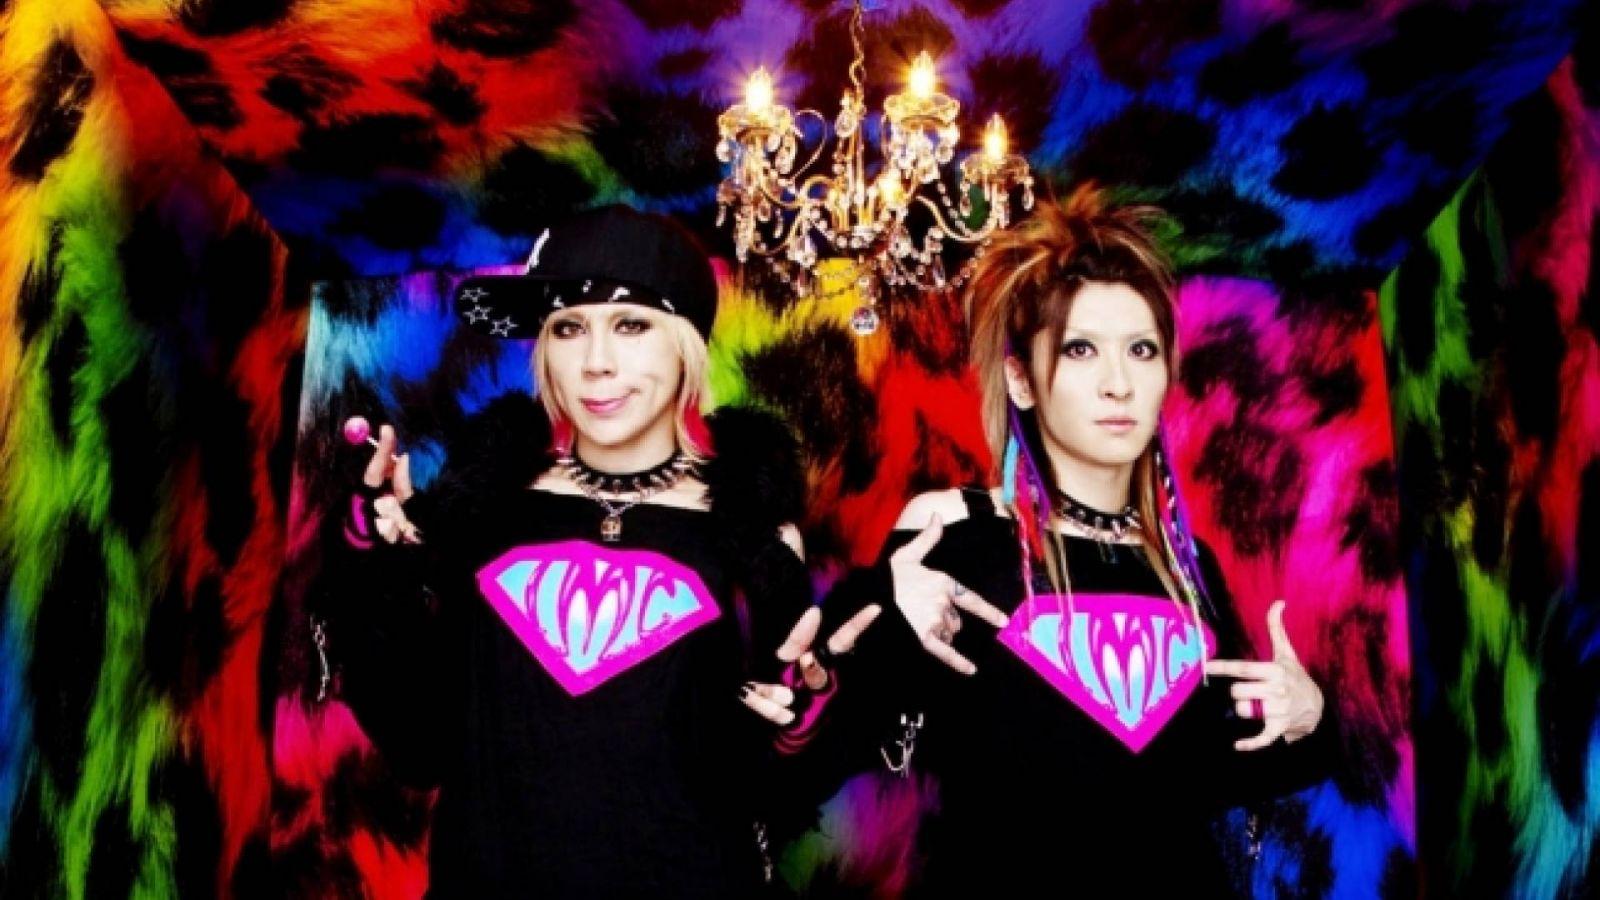 A Rádio Blast! dá ingressos pra você ir ao show do LM.C © LM.C - Pony Canyon